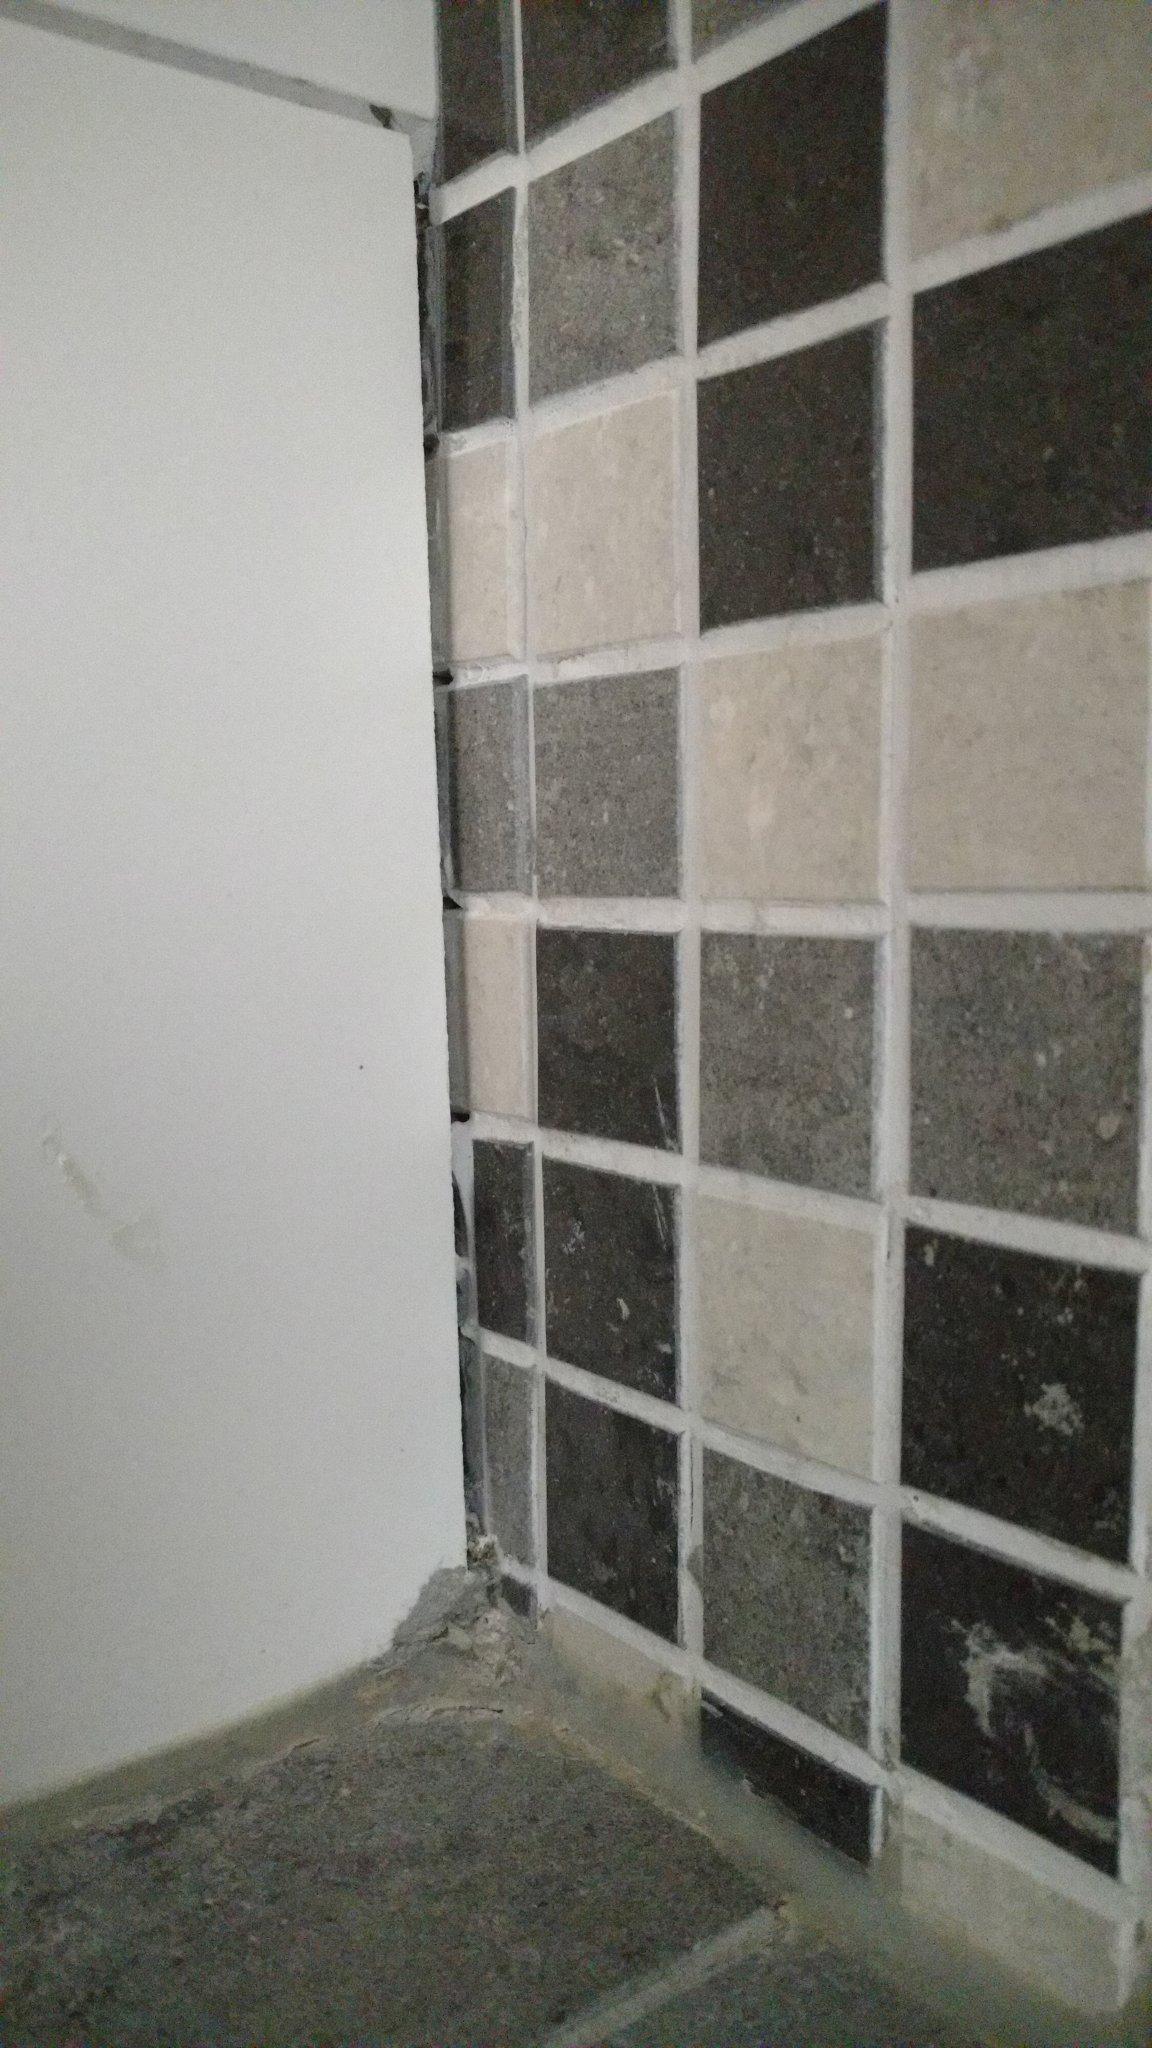 Nakijken voegen en kitranden badkamer werkspot - Kleine badkamer in lengte ...